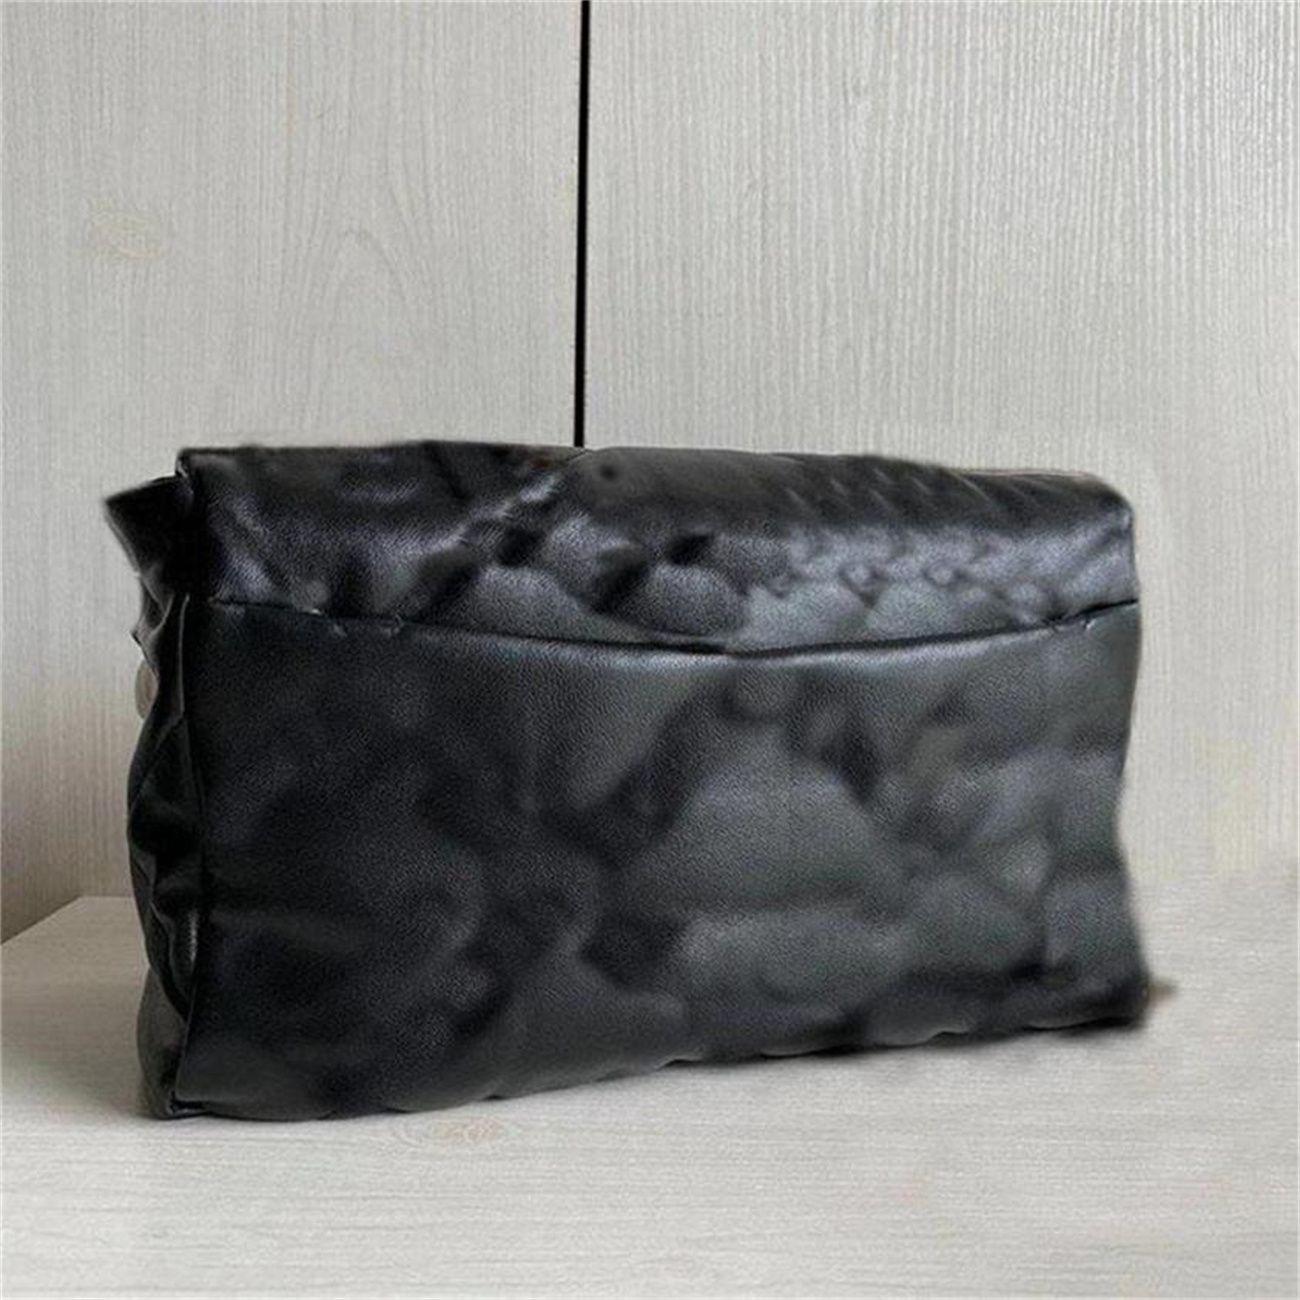 Роскошные дизайнерские сумочки Black Bags Pages женщин 19 сумки сумки женщины кожаные взлетно-посадочные полосы женские европа ручной работы высочайшее качество